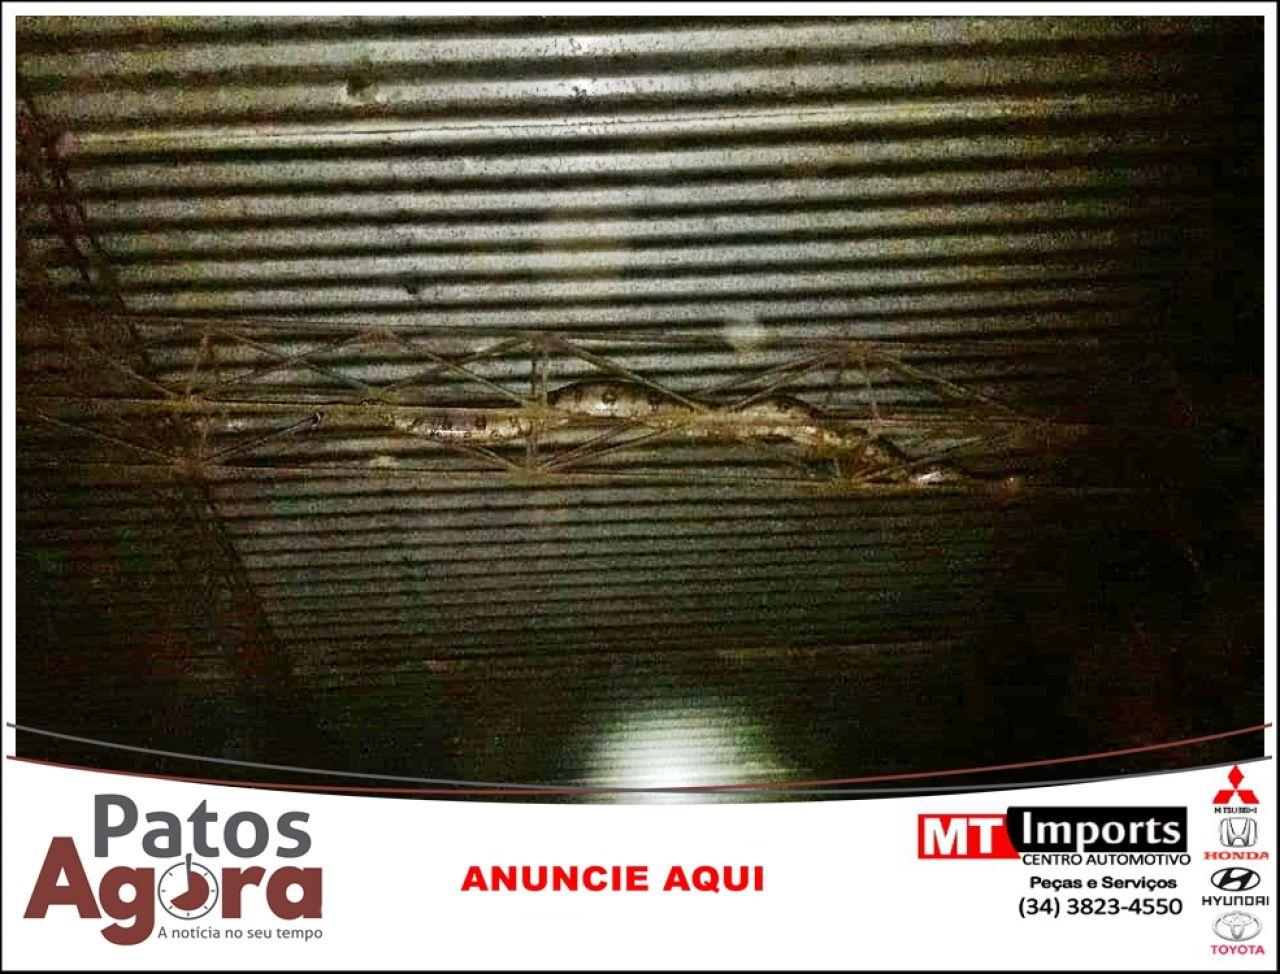 Bombeiros de Patos de Minas capturam mais uma serpente de grande porte na área urbana da cidade